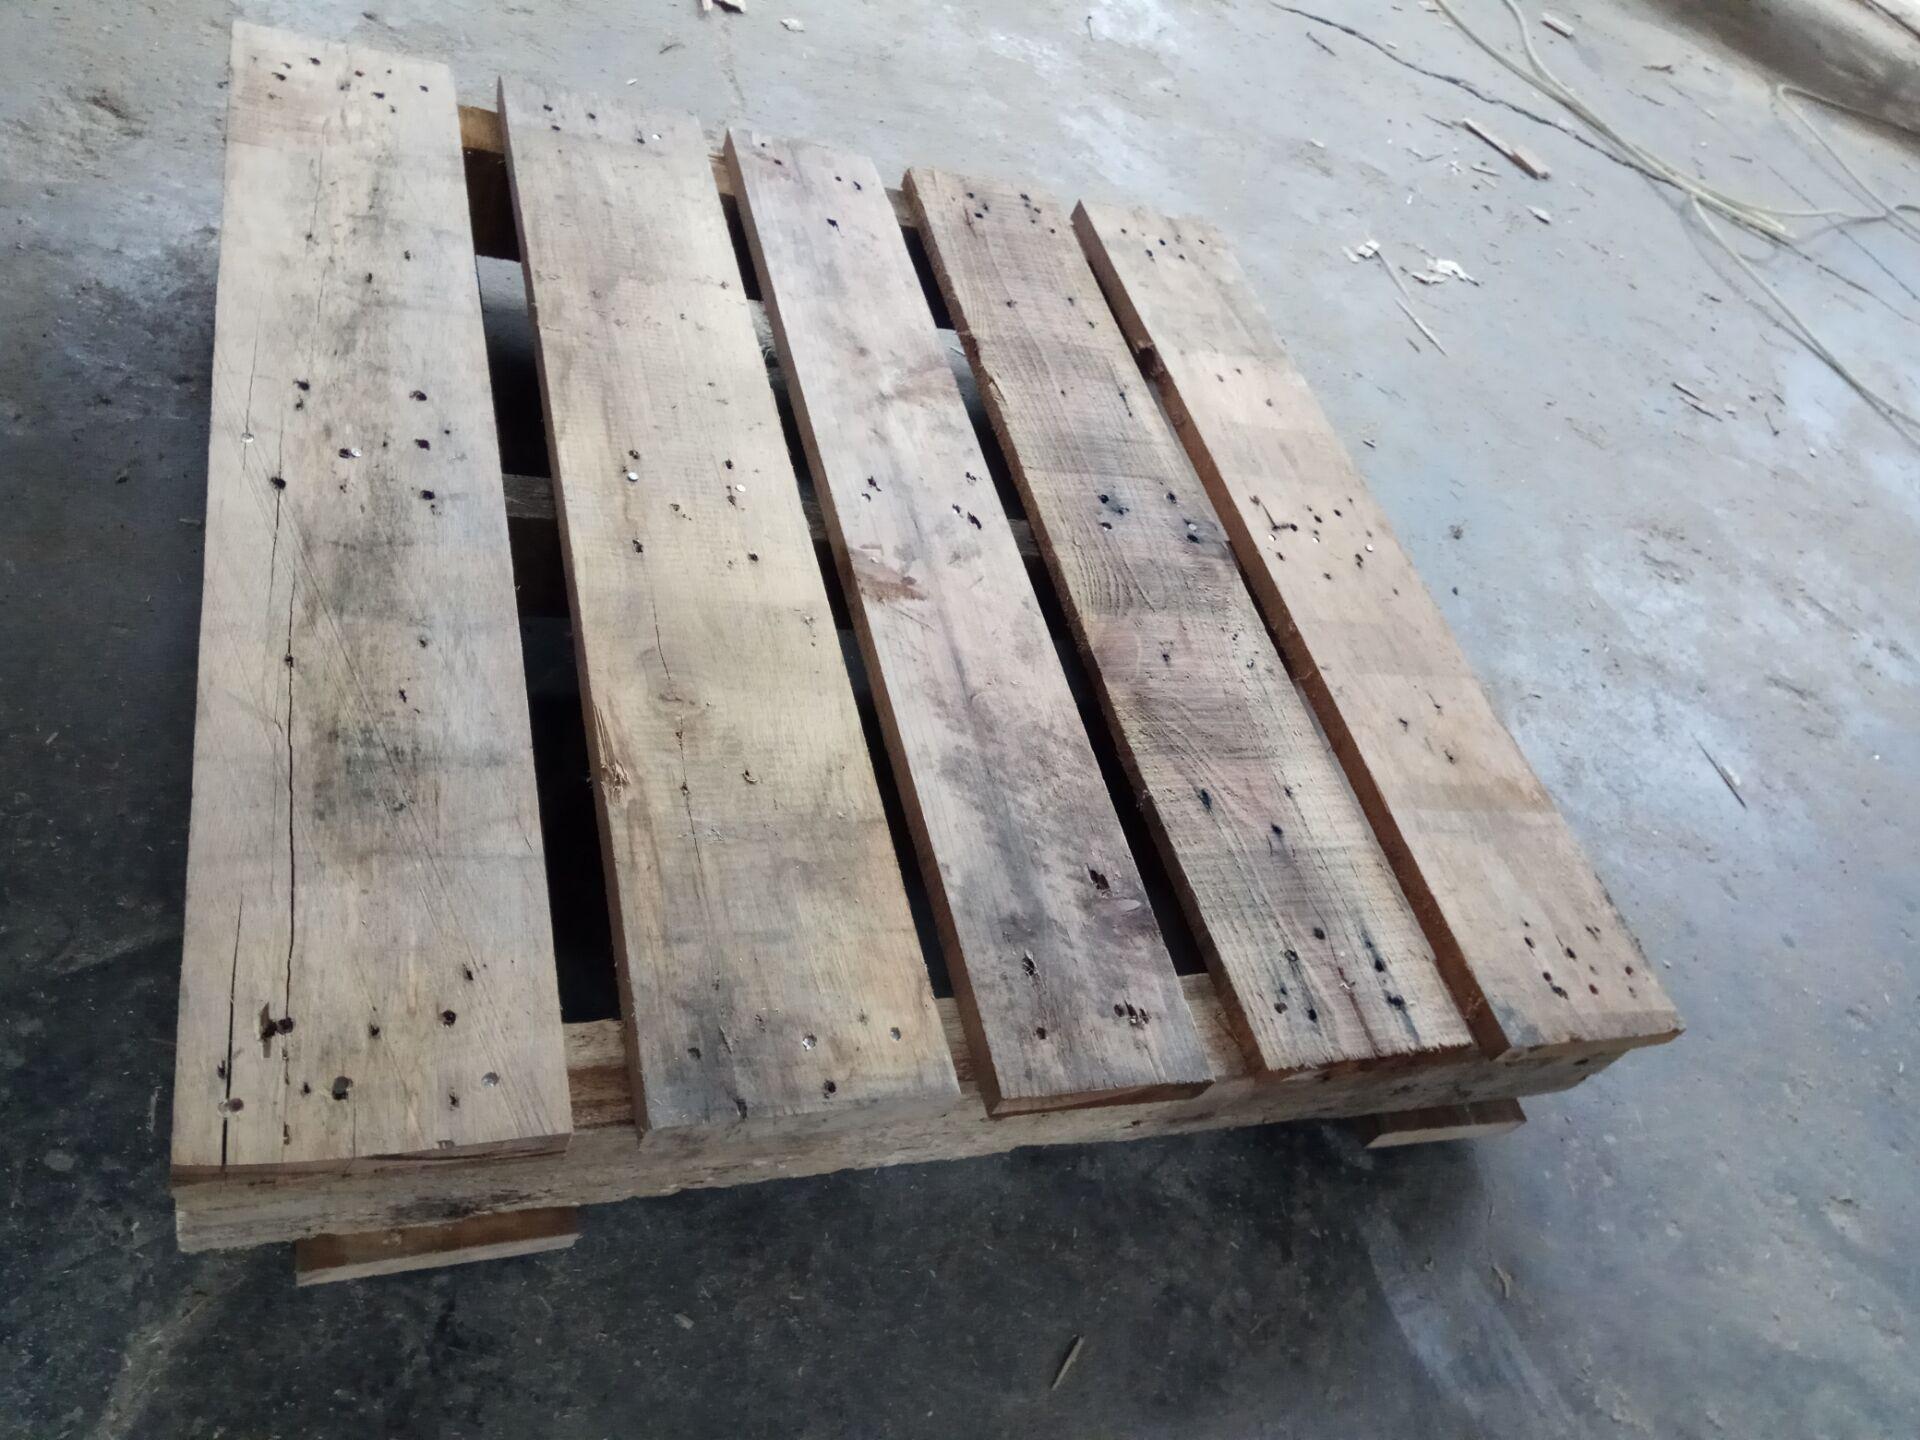 二手木托盘-旧木头拼凑而组成